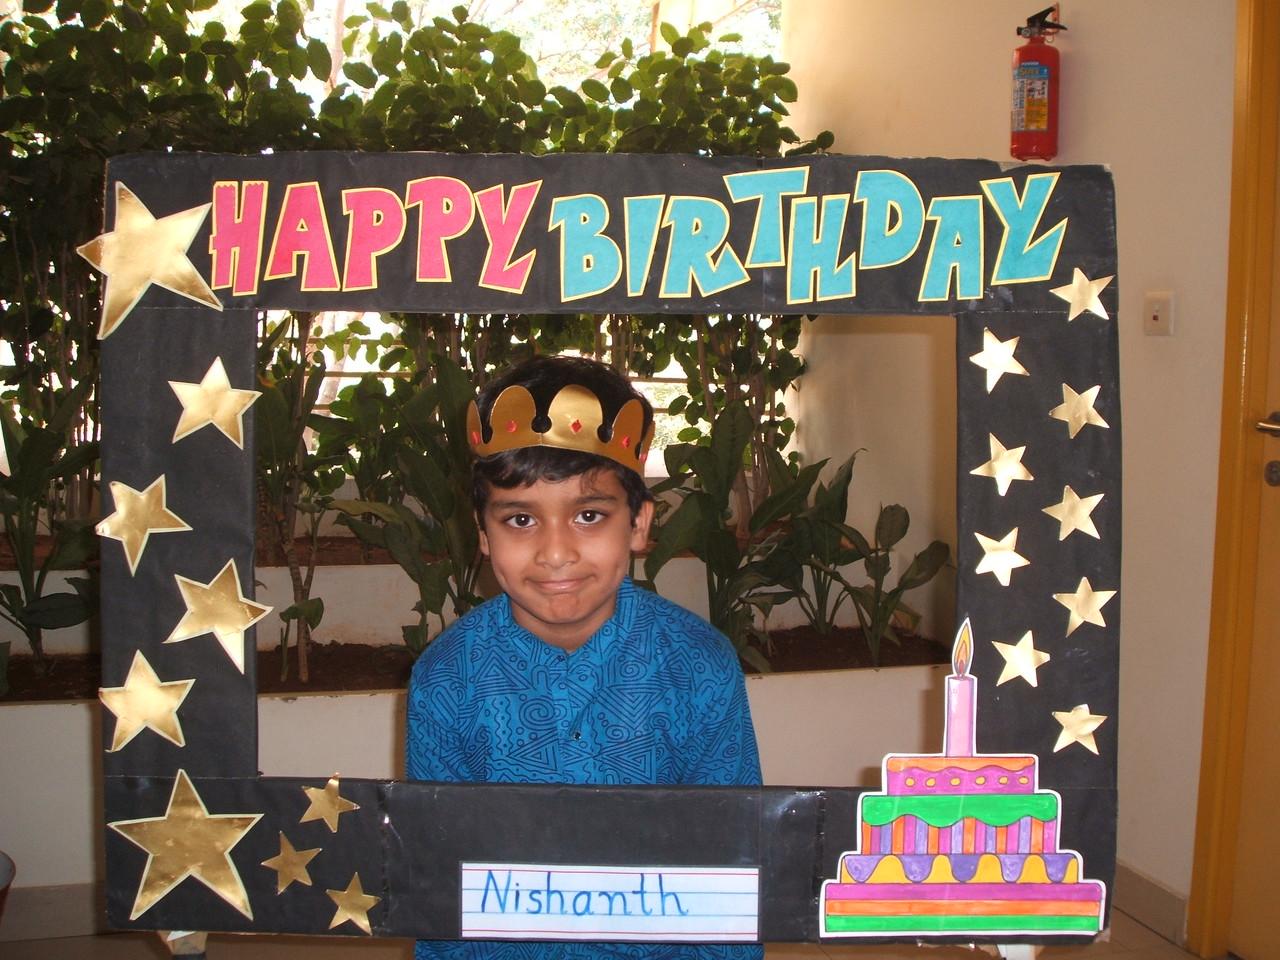 HAPPY BIRTHDAY-NISHANTH